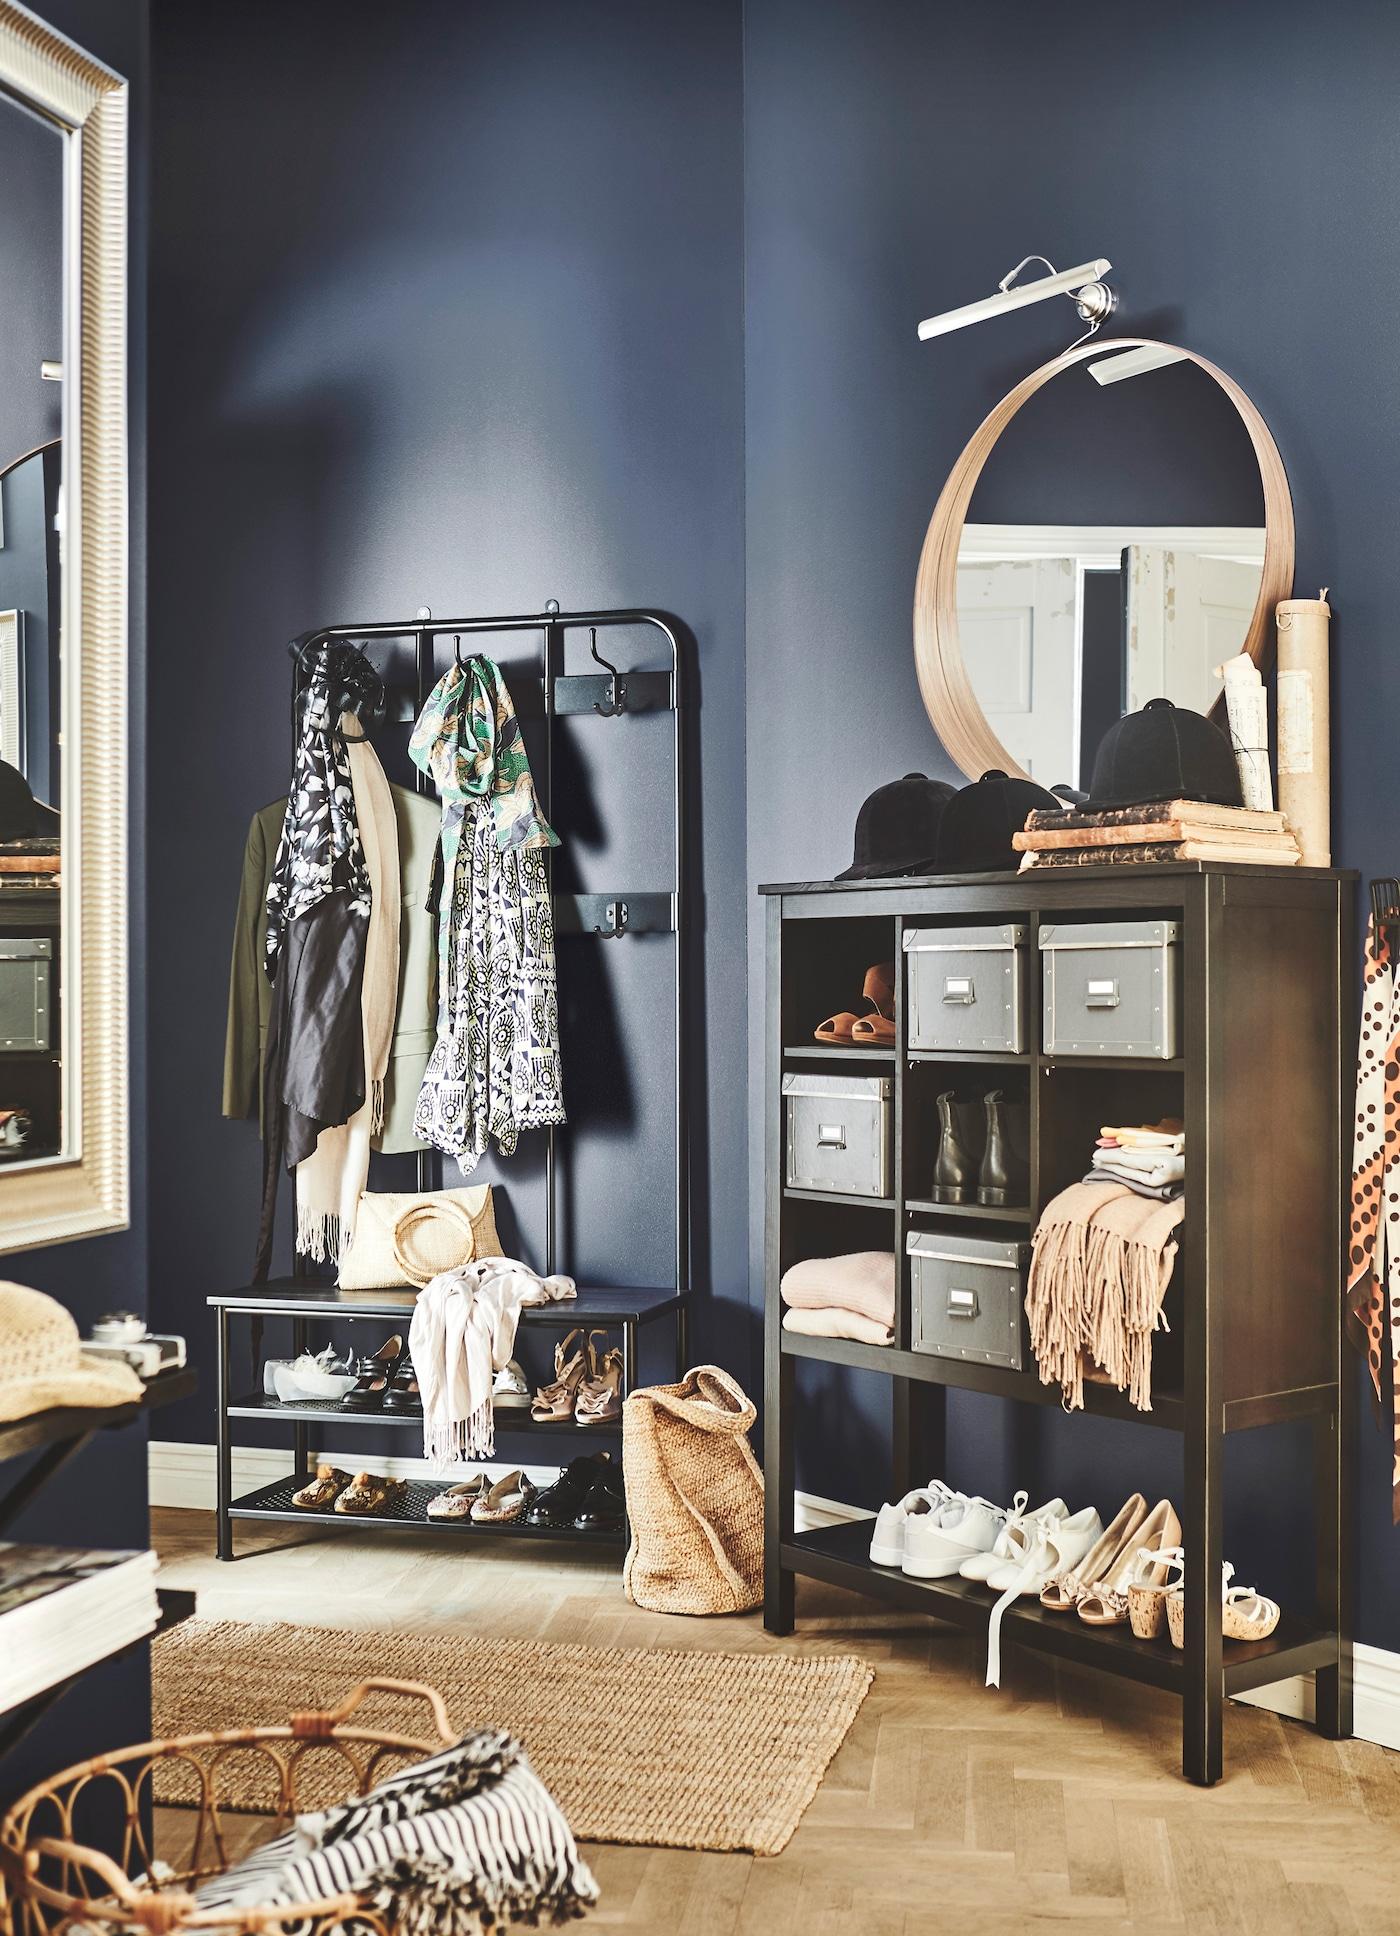 Organiza tu recibidor con la unidad de almacenamiento IKEA HEMNES y el perchero PINNIG. Este dúo mantiene sus artículos y zapatos en su lugar además de incluir un banco y diversos estantes.